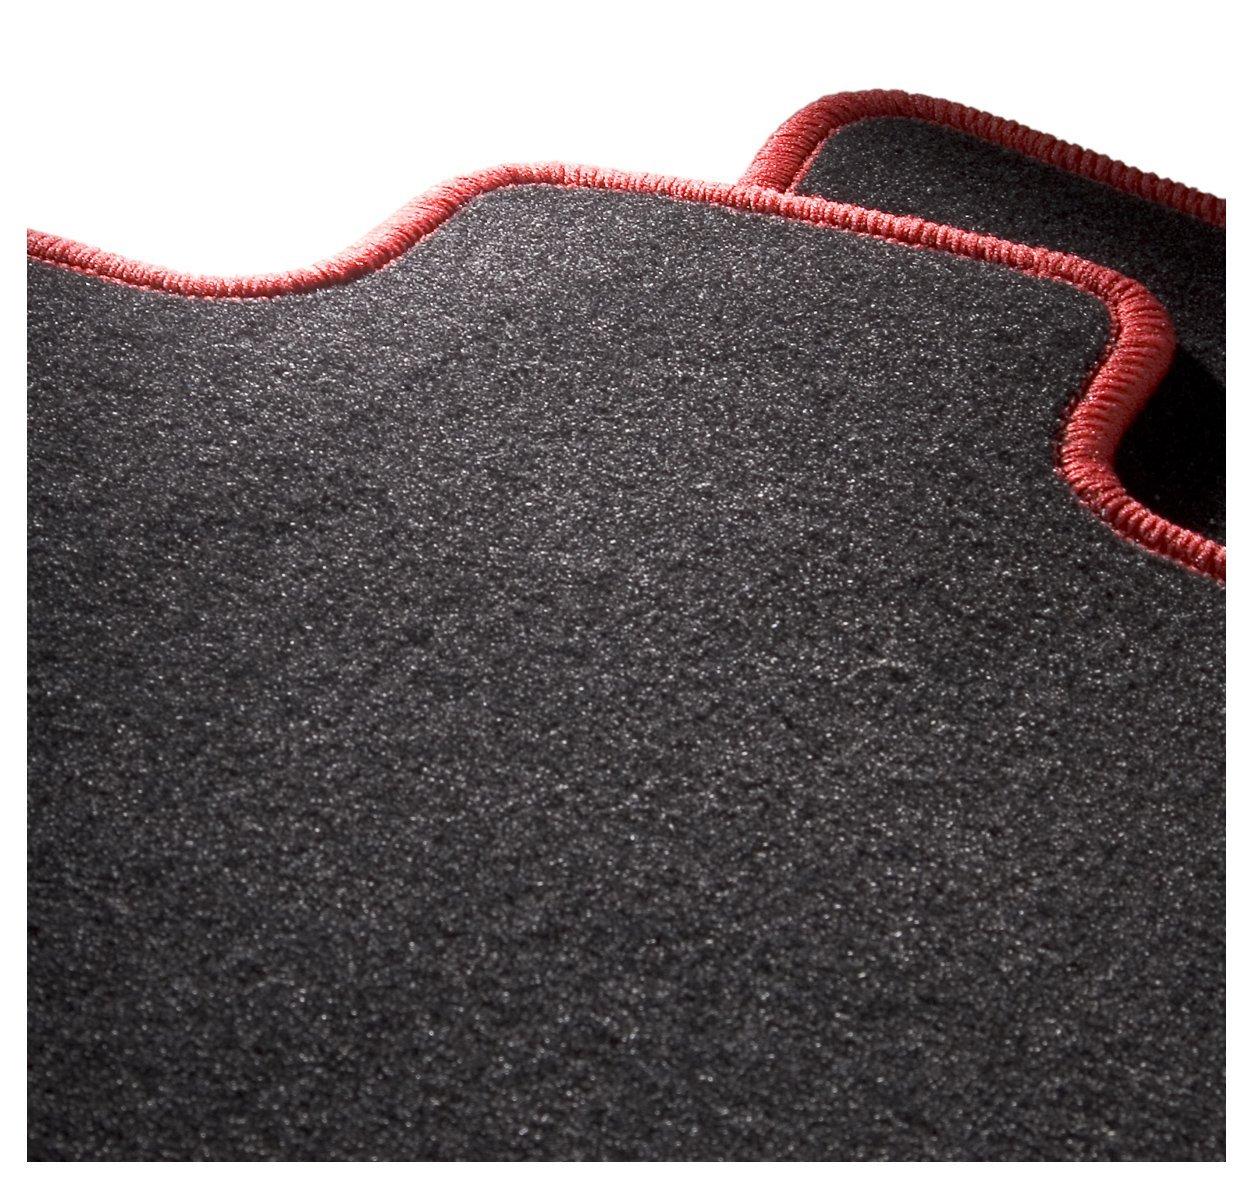 4 teiliges Auto Fussmatten Set mit Mattenhalter Passform Auto Fussmatten Fussmatte Velours in schwarz anthrazit CarFashion 225935 ExquiPlus Schwarze Hochglanz Kettelung